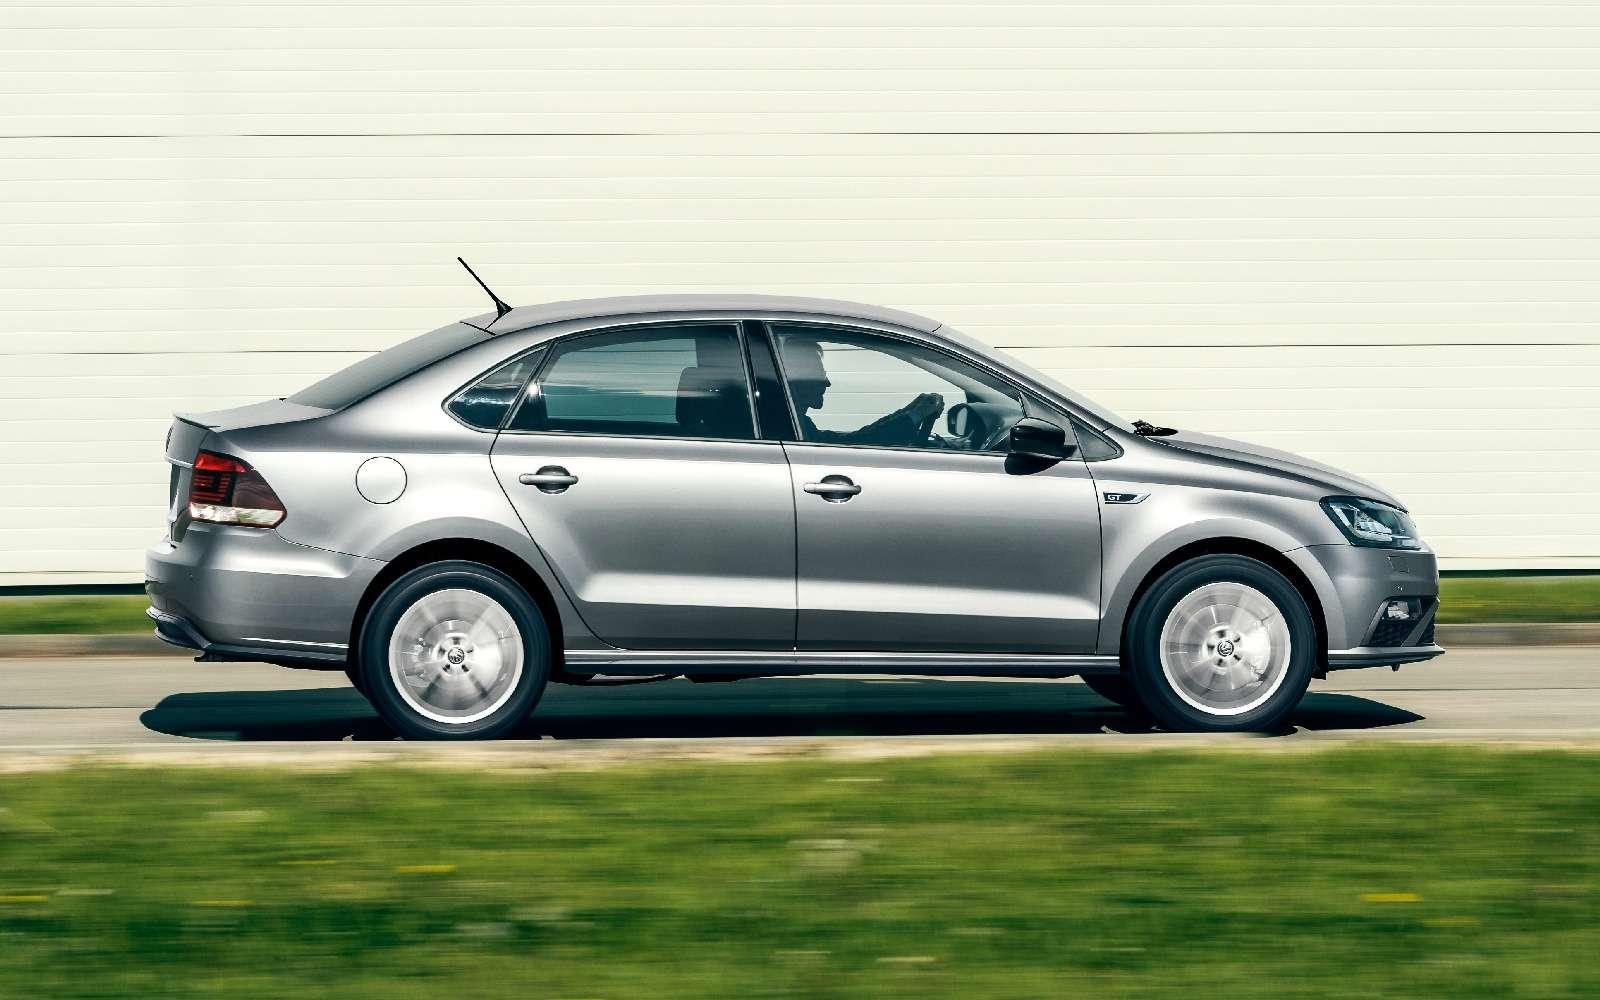 Российский Volkswagen Polo GT: полосок навсех нехватит!— фото 592186